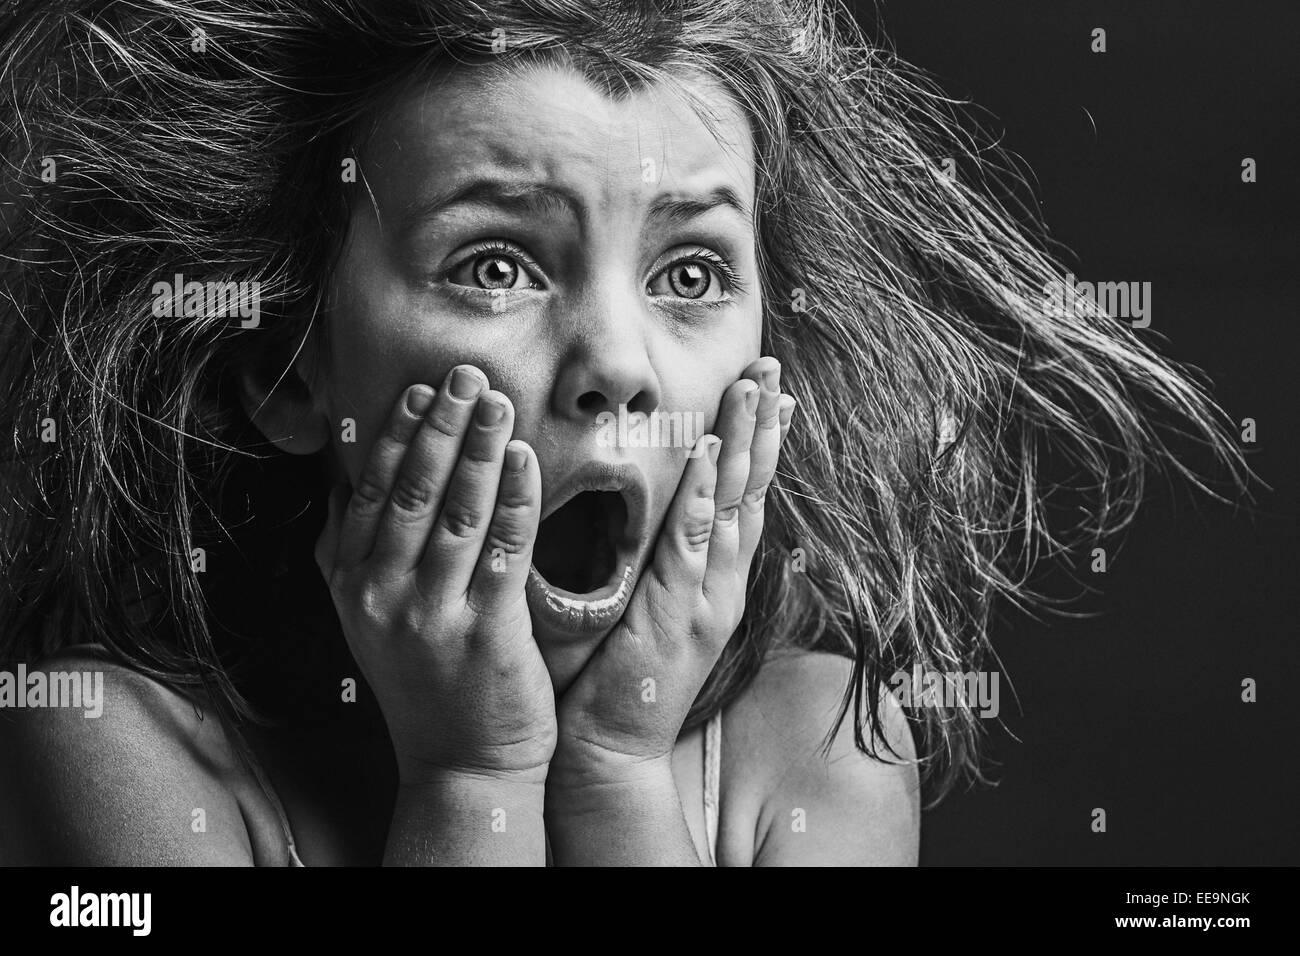 Image puissante de l'enfant effrayé Photo Stock